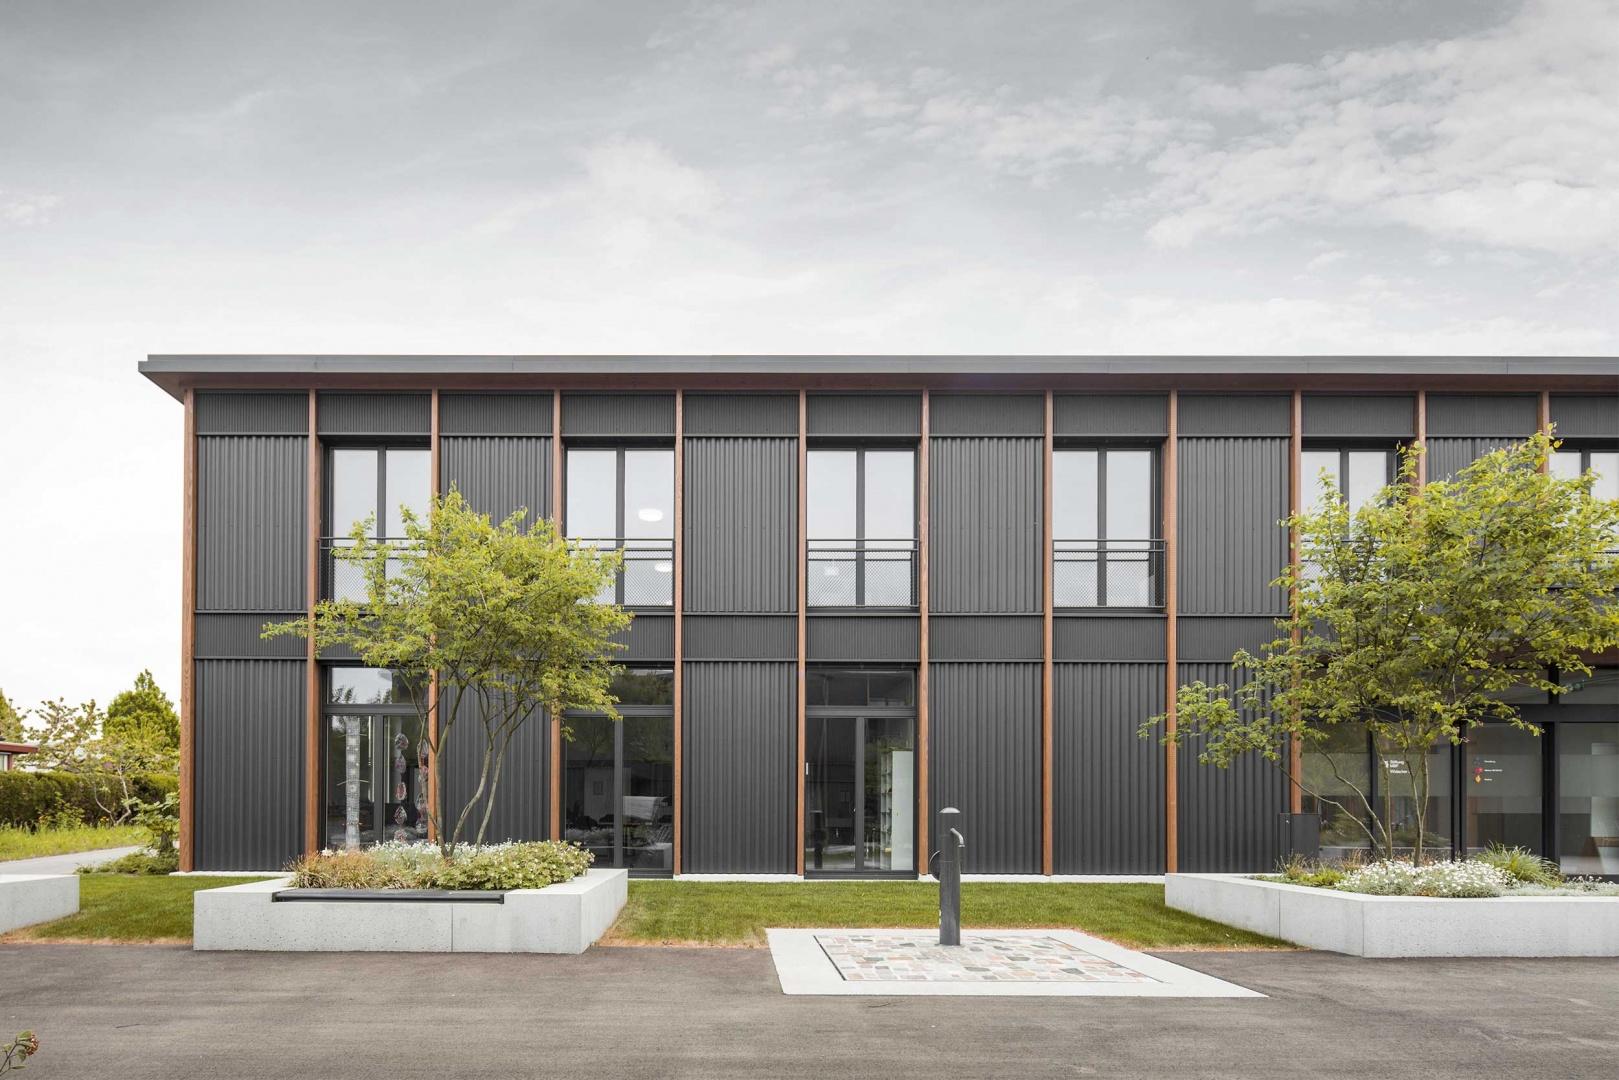 Atelierhaus  © Schmid Ziörjen Architektenkollektiv